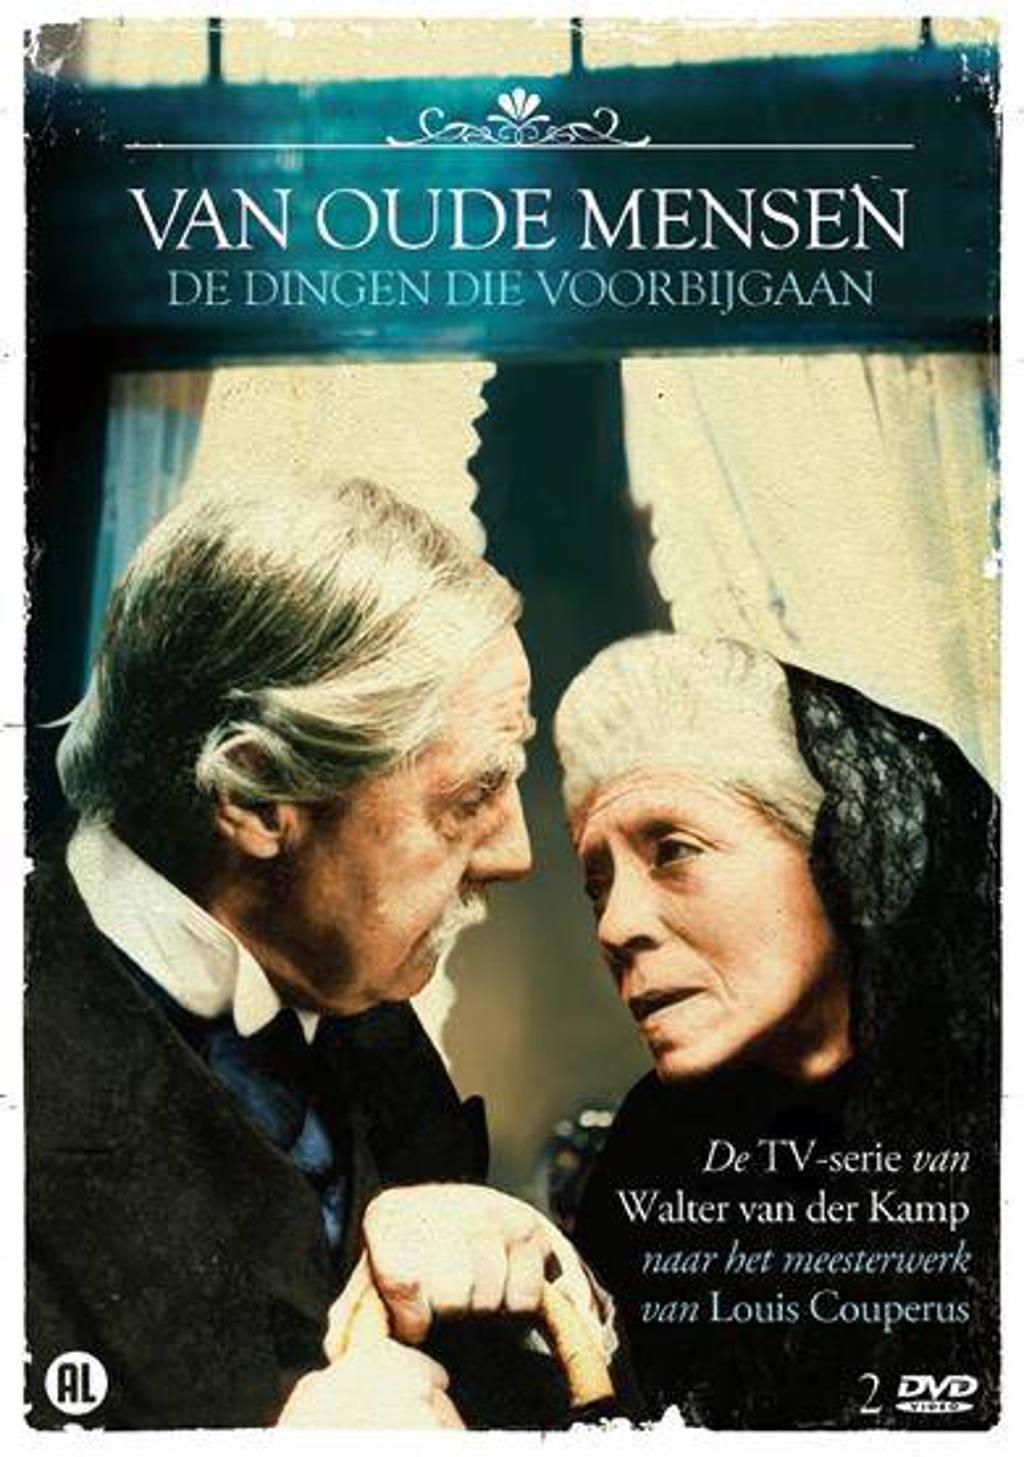 Van Oude Mensen De Dingen Die Voorbijgaan (DVD)